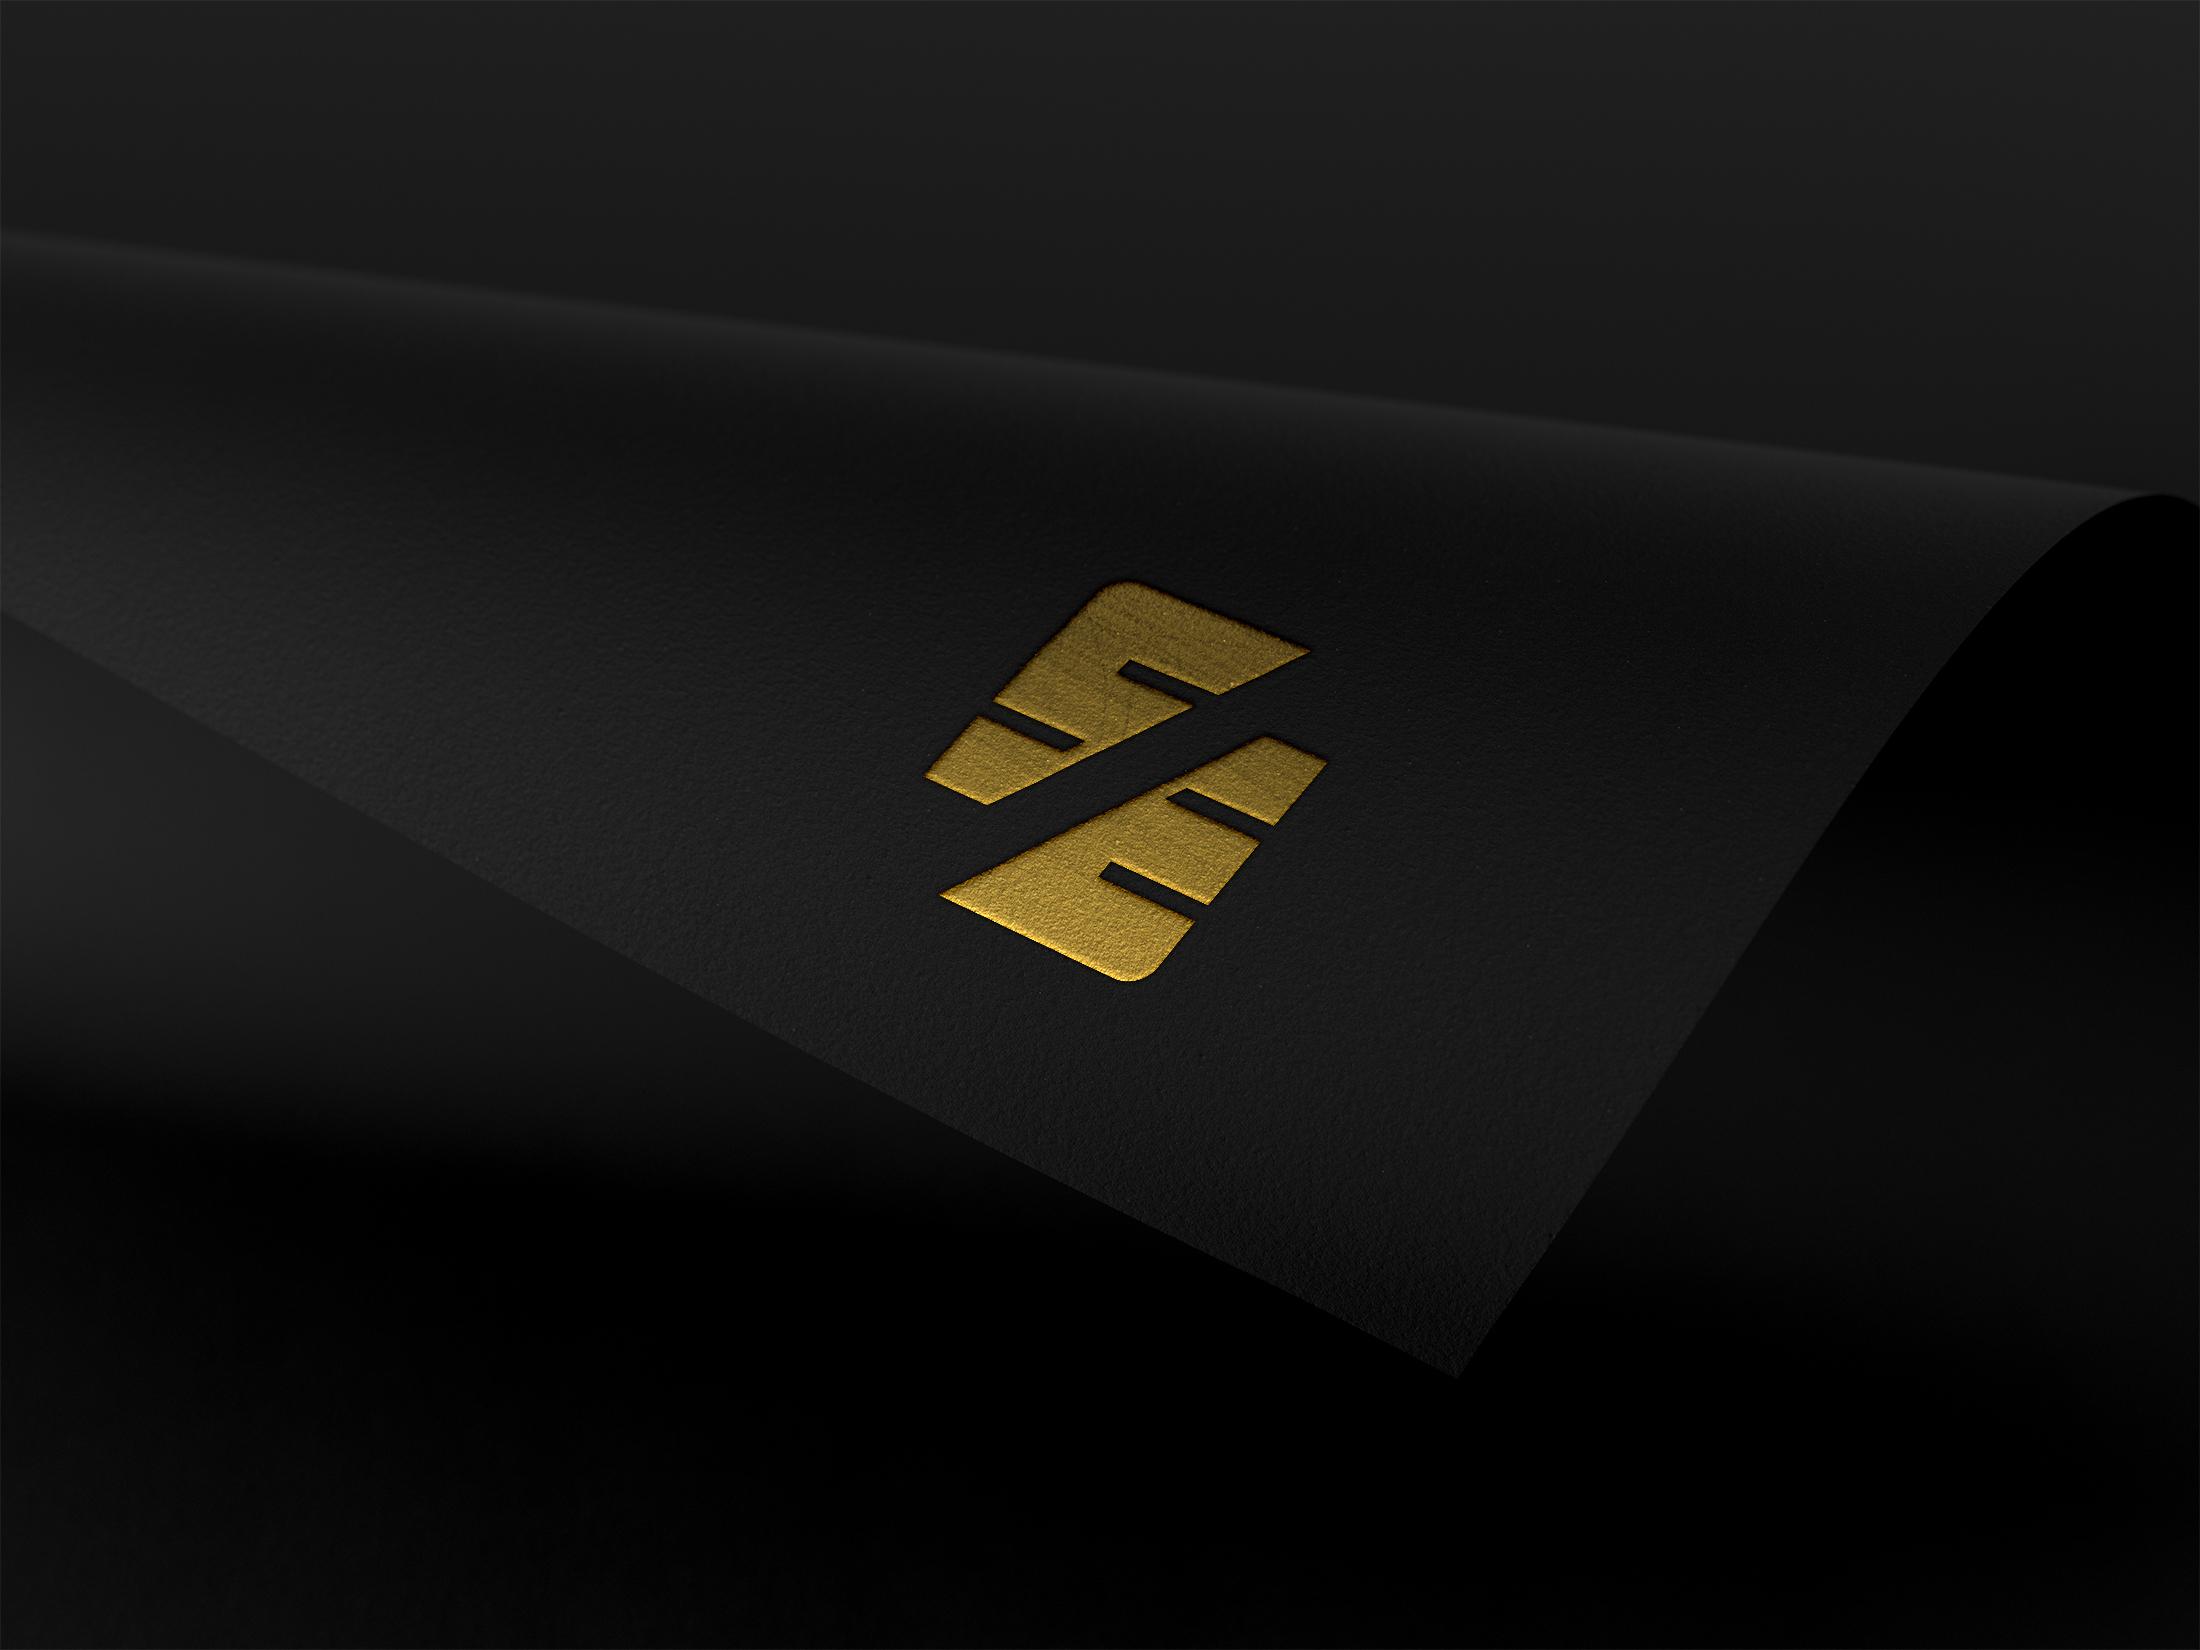 Нарисовать логотип для группы компаний  фото f_7115cdd66dc07f32.jpg